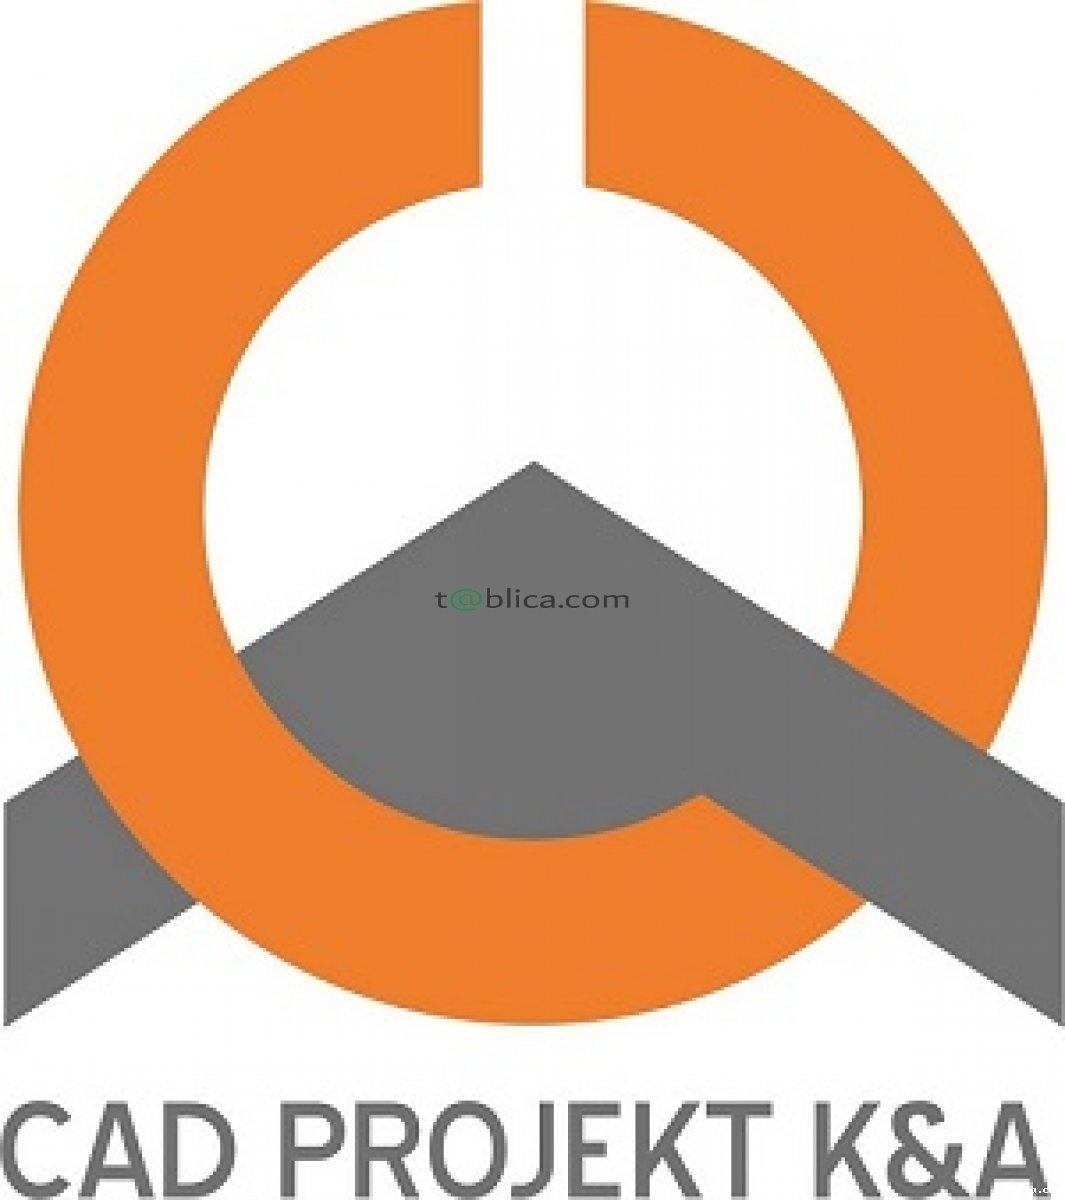 Program do projektowania szaf wnękowych - CAD Projekt